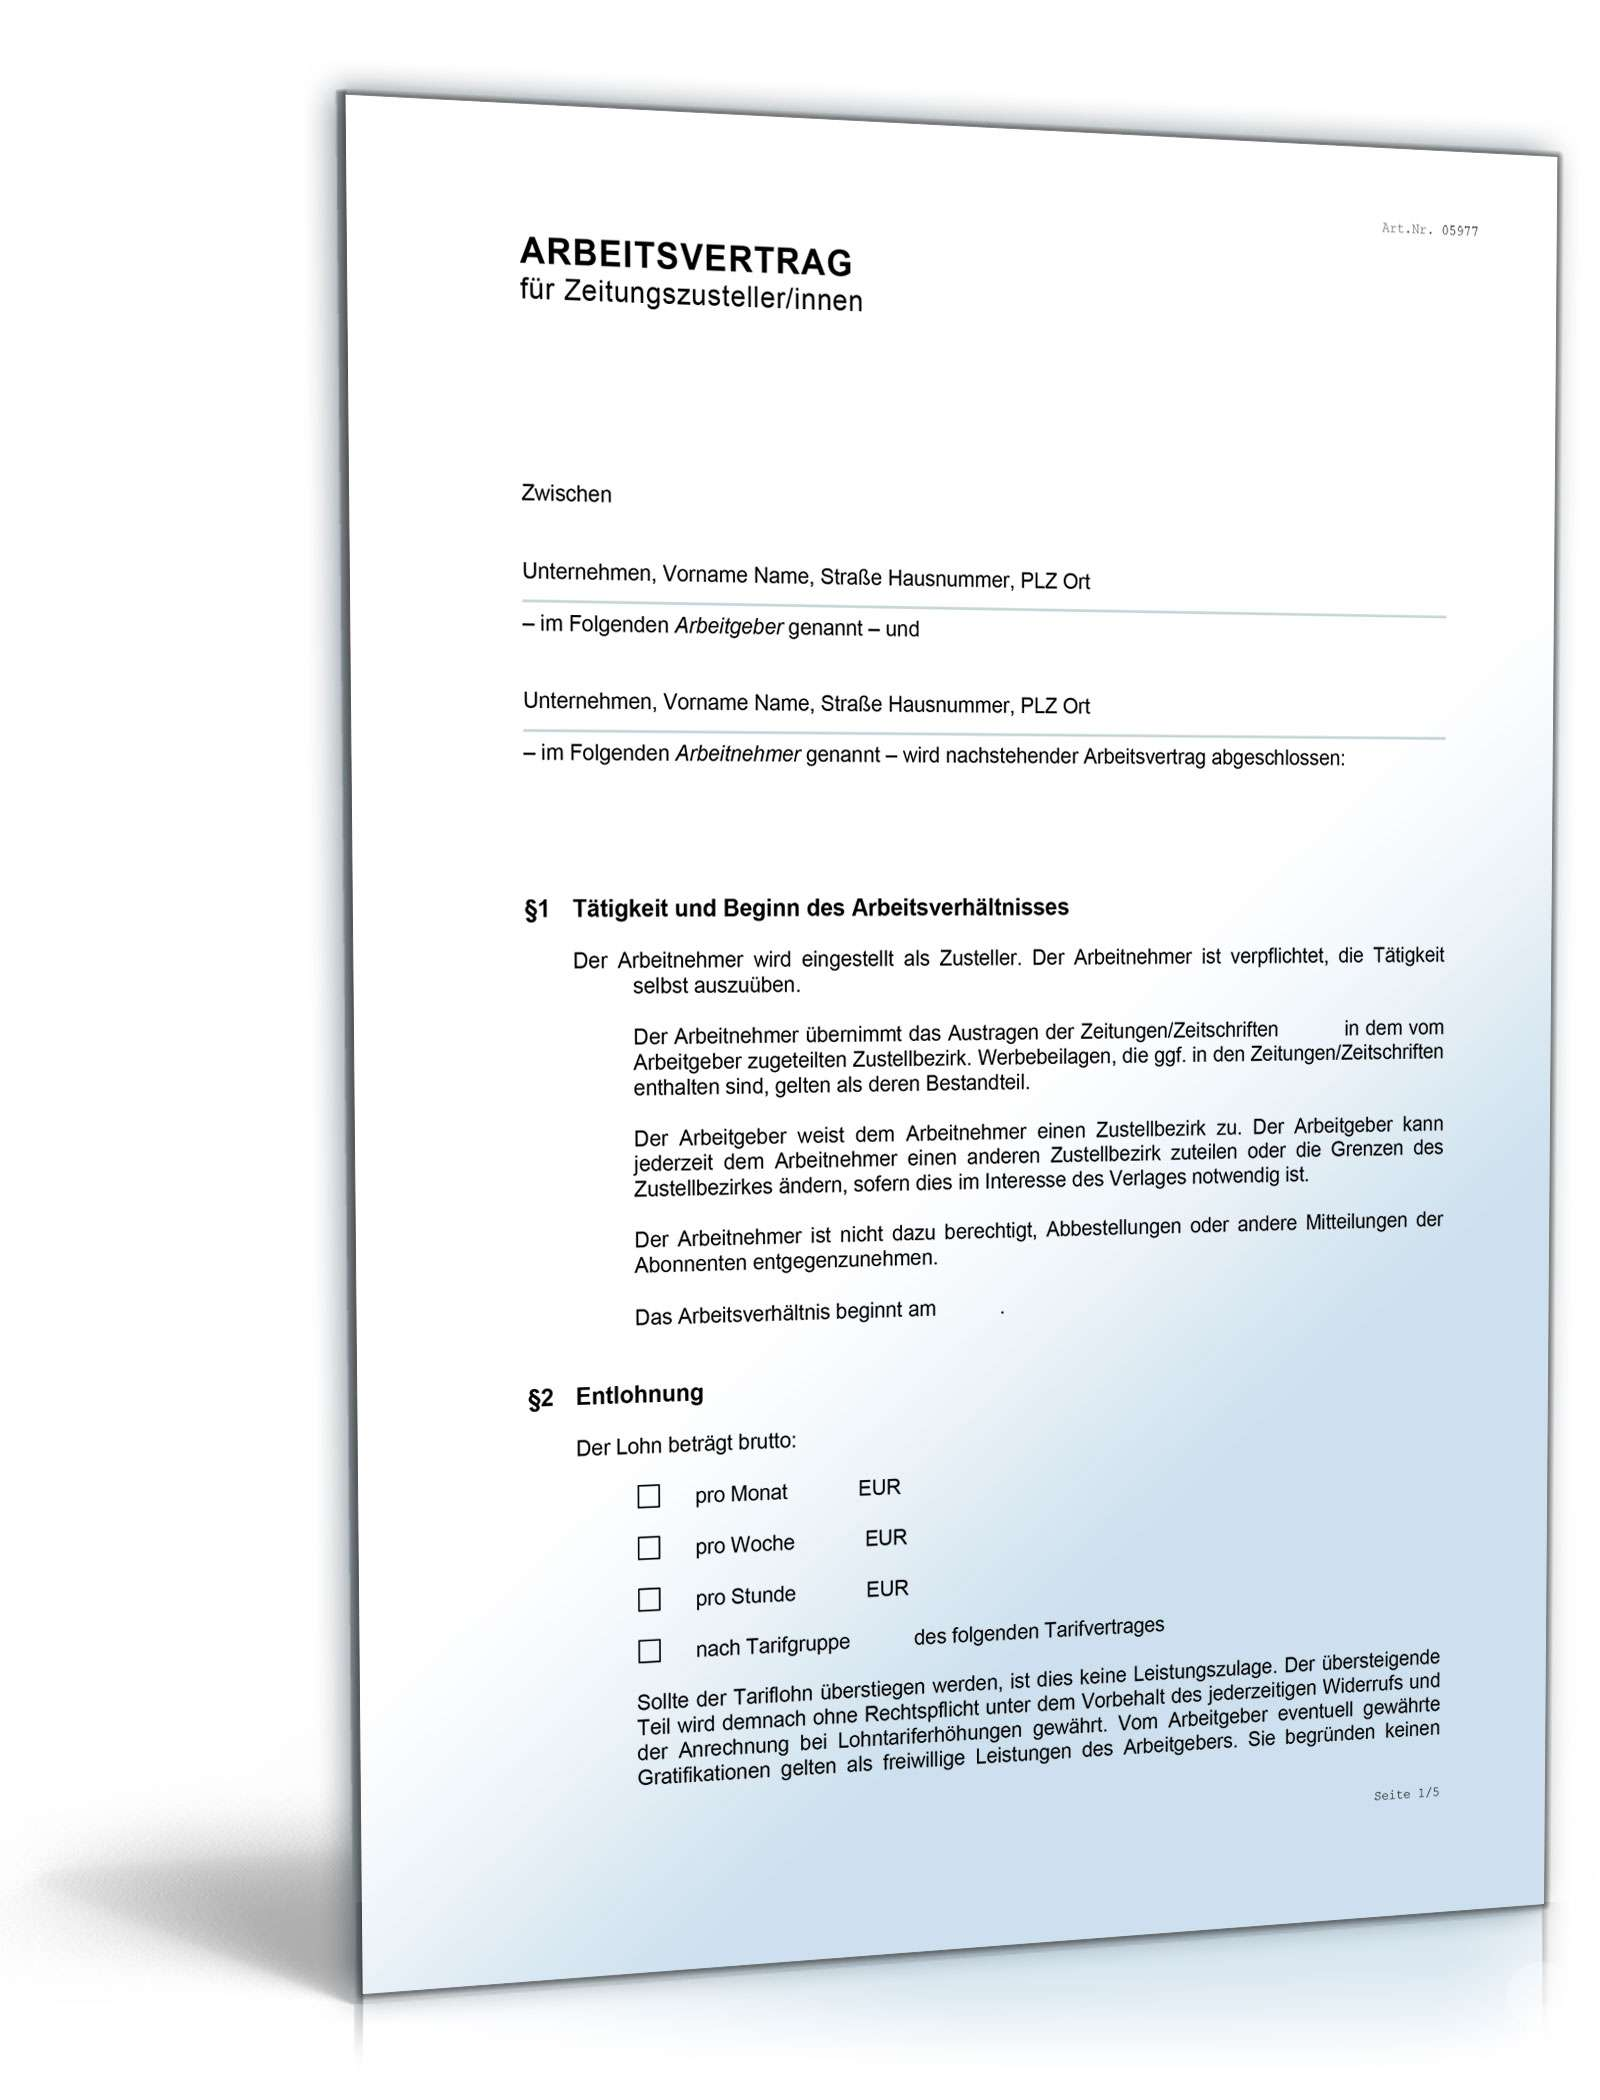 arbeitsvertrag zeitungszusteller - Anderung Arbeitsvertrag Muster